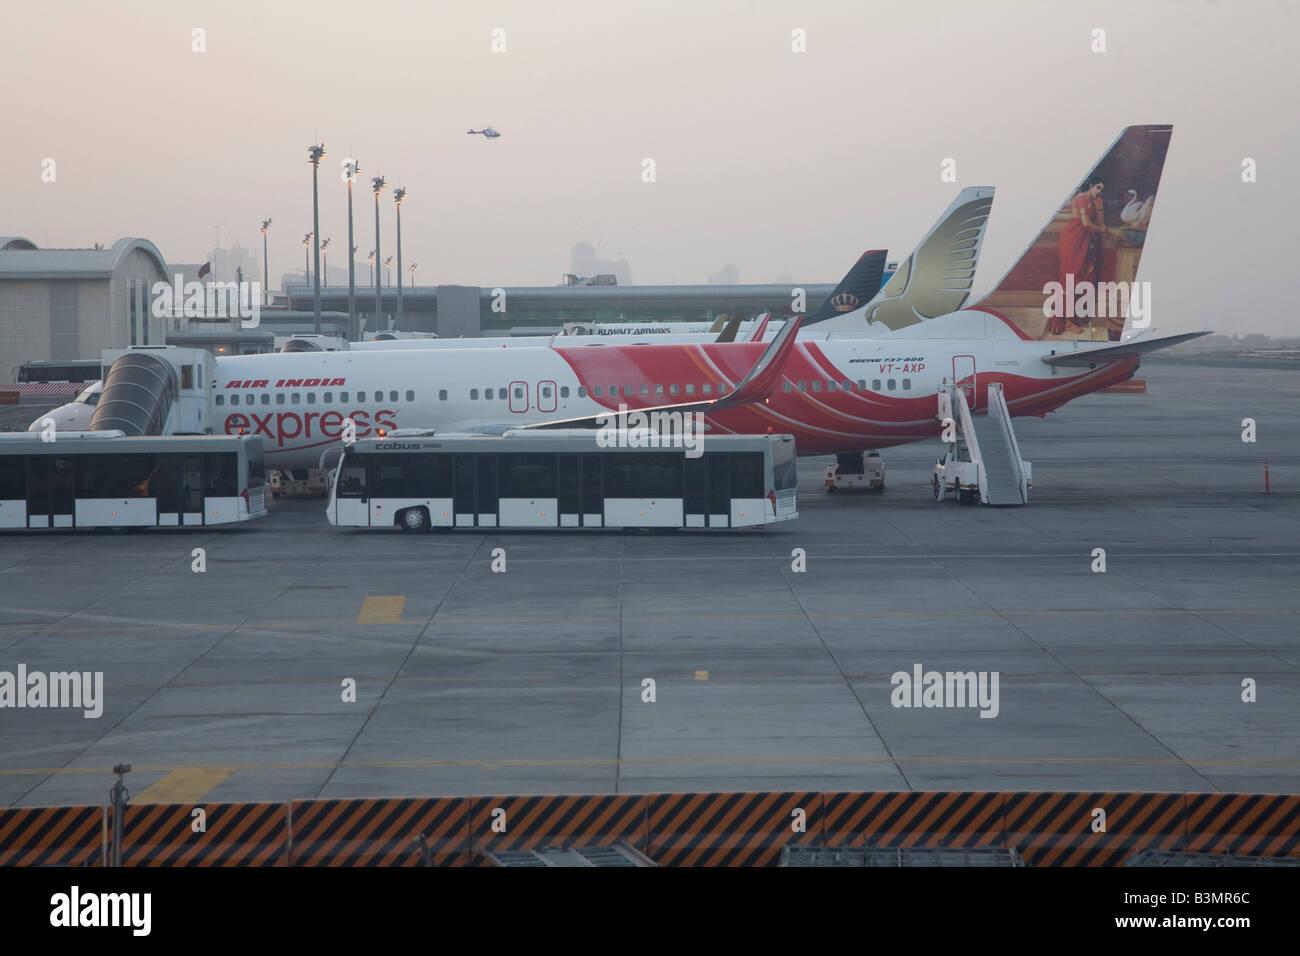 Gulf Air des avions à l'aéroport de Doha Qatar Moyen-orient Banque D'Images